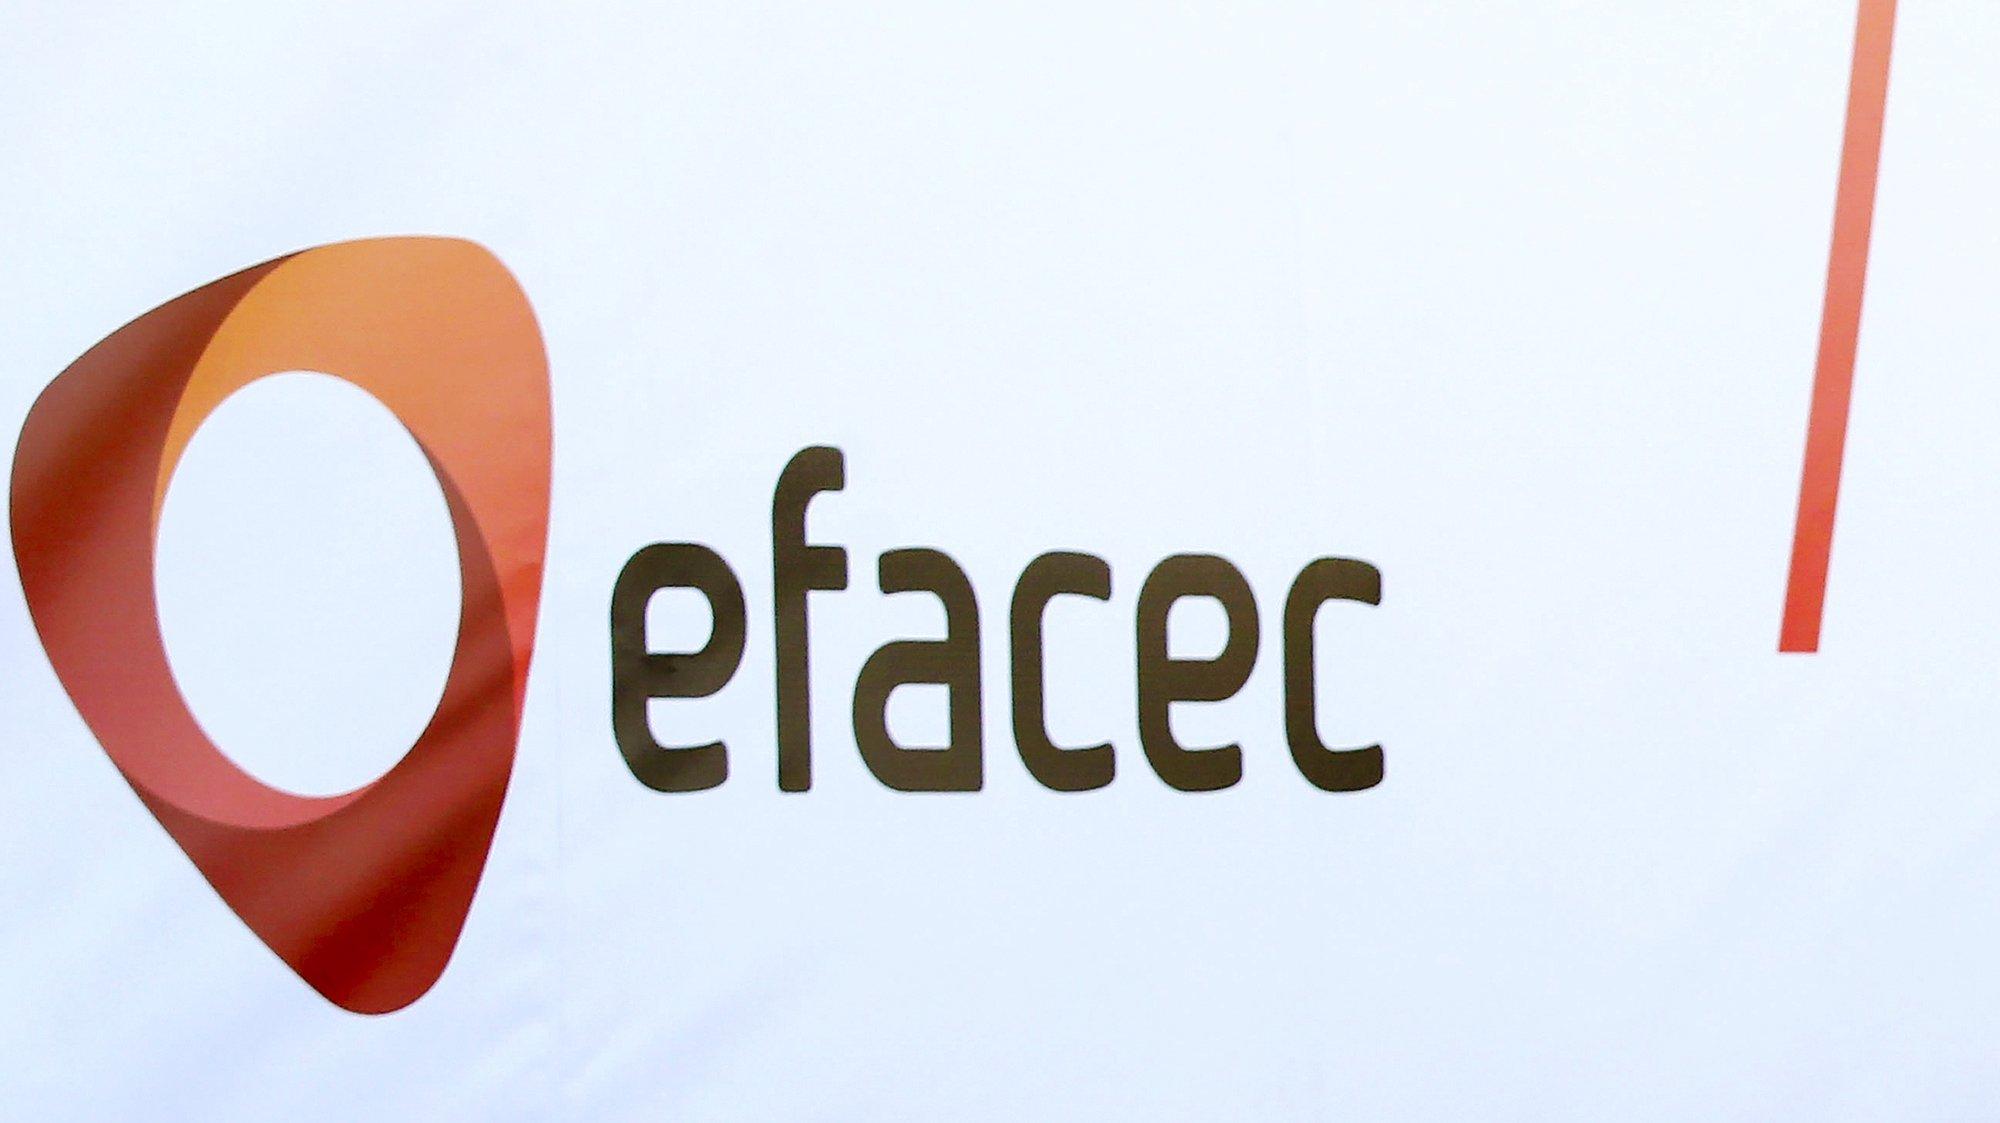 EFACEC, na Maia, 05 de fevereiro de 2018. MANUEL ARAÚJO/LUSA